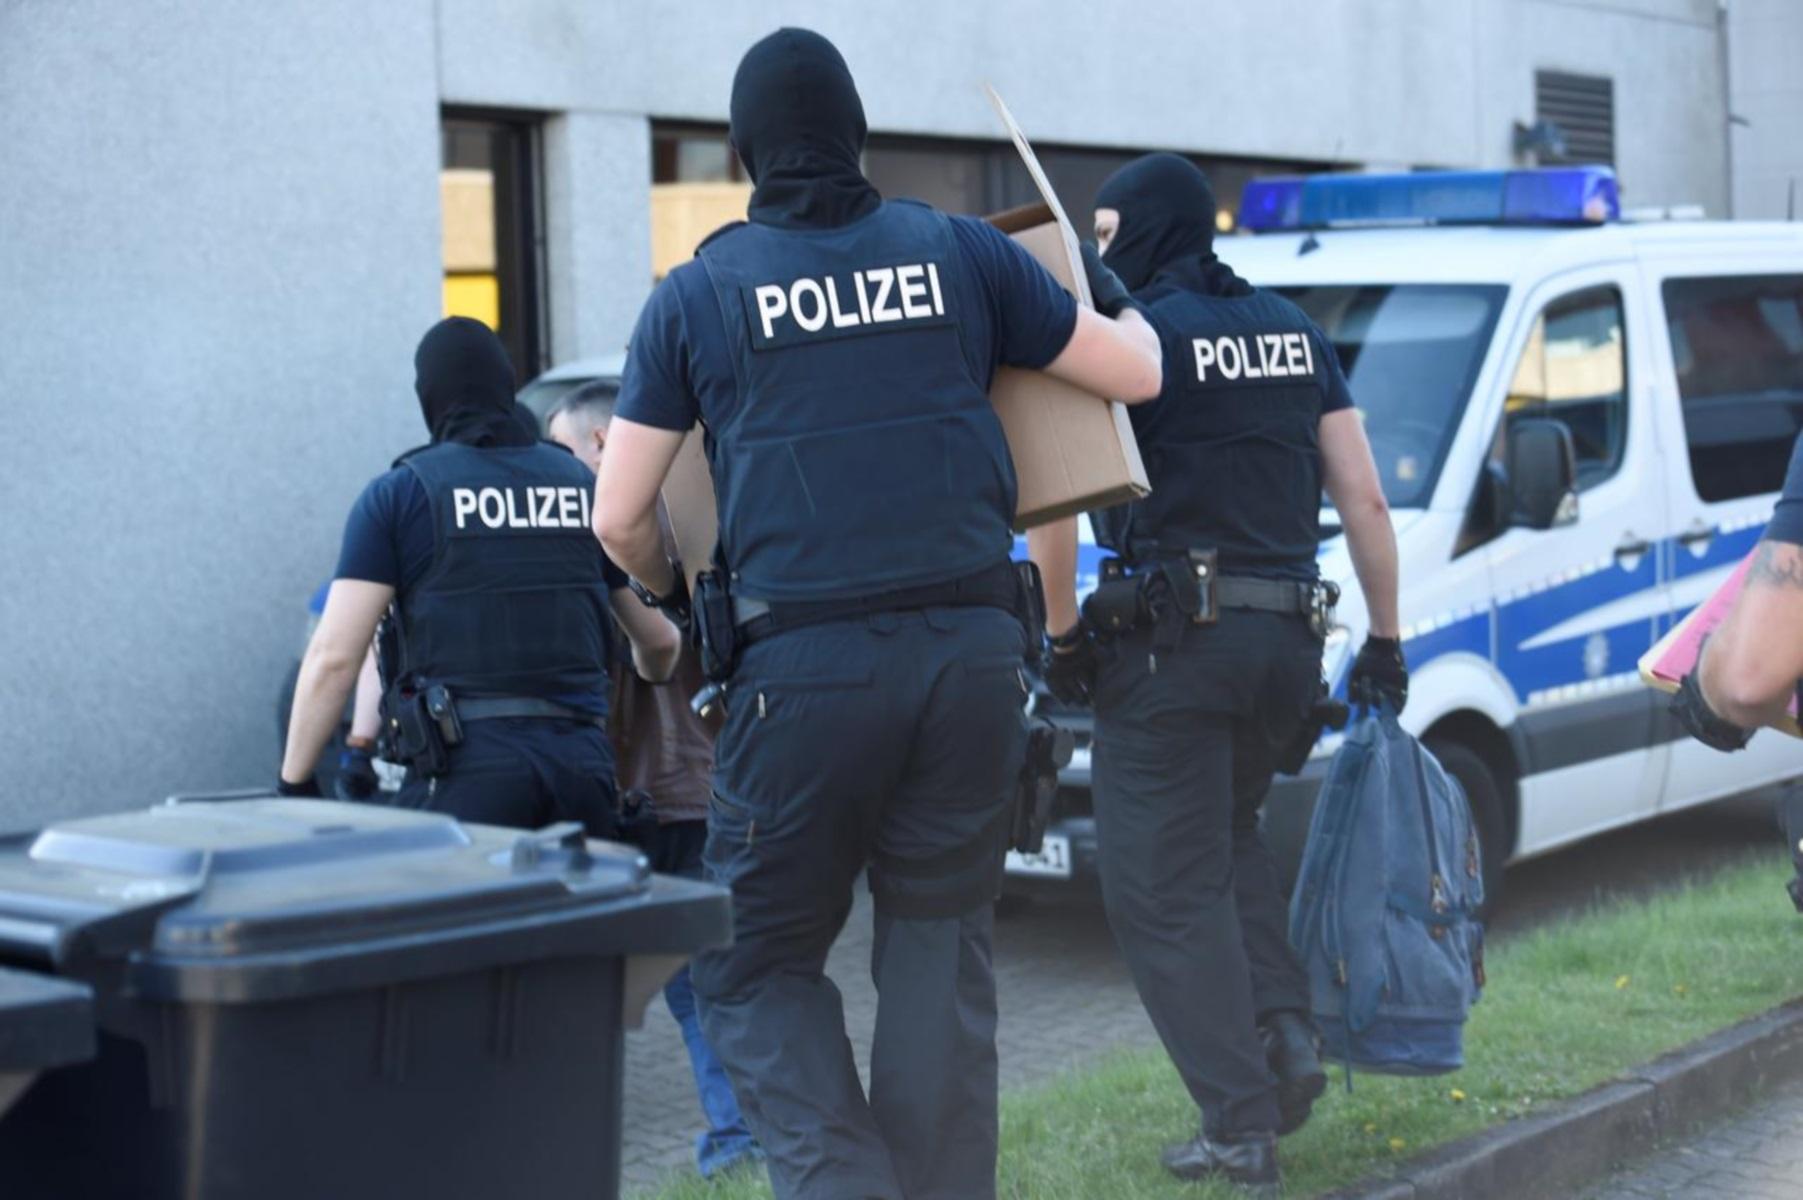 Οικογενειακή τραγωδία στη Γερμανία: Τους επιτέθηκε με μαχαίρι